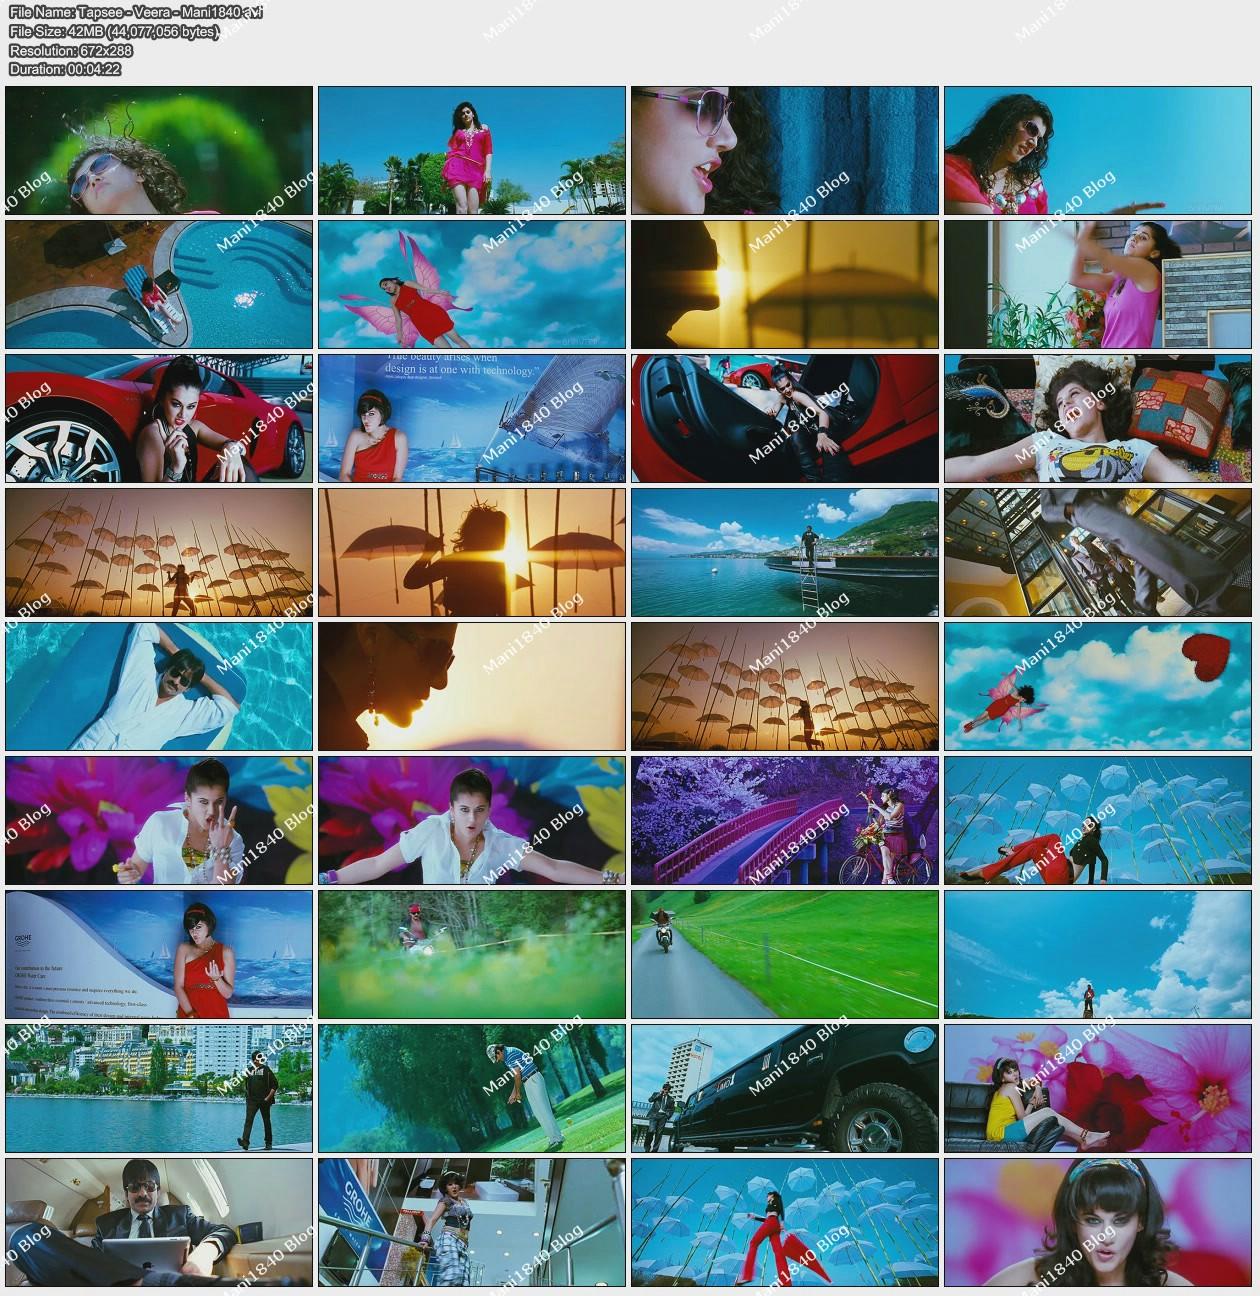 Sakhiya Song Download: Hot Video Songs: September 2011